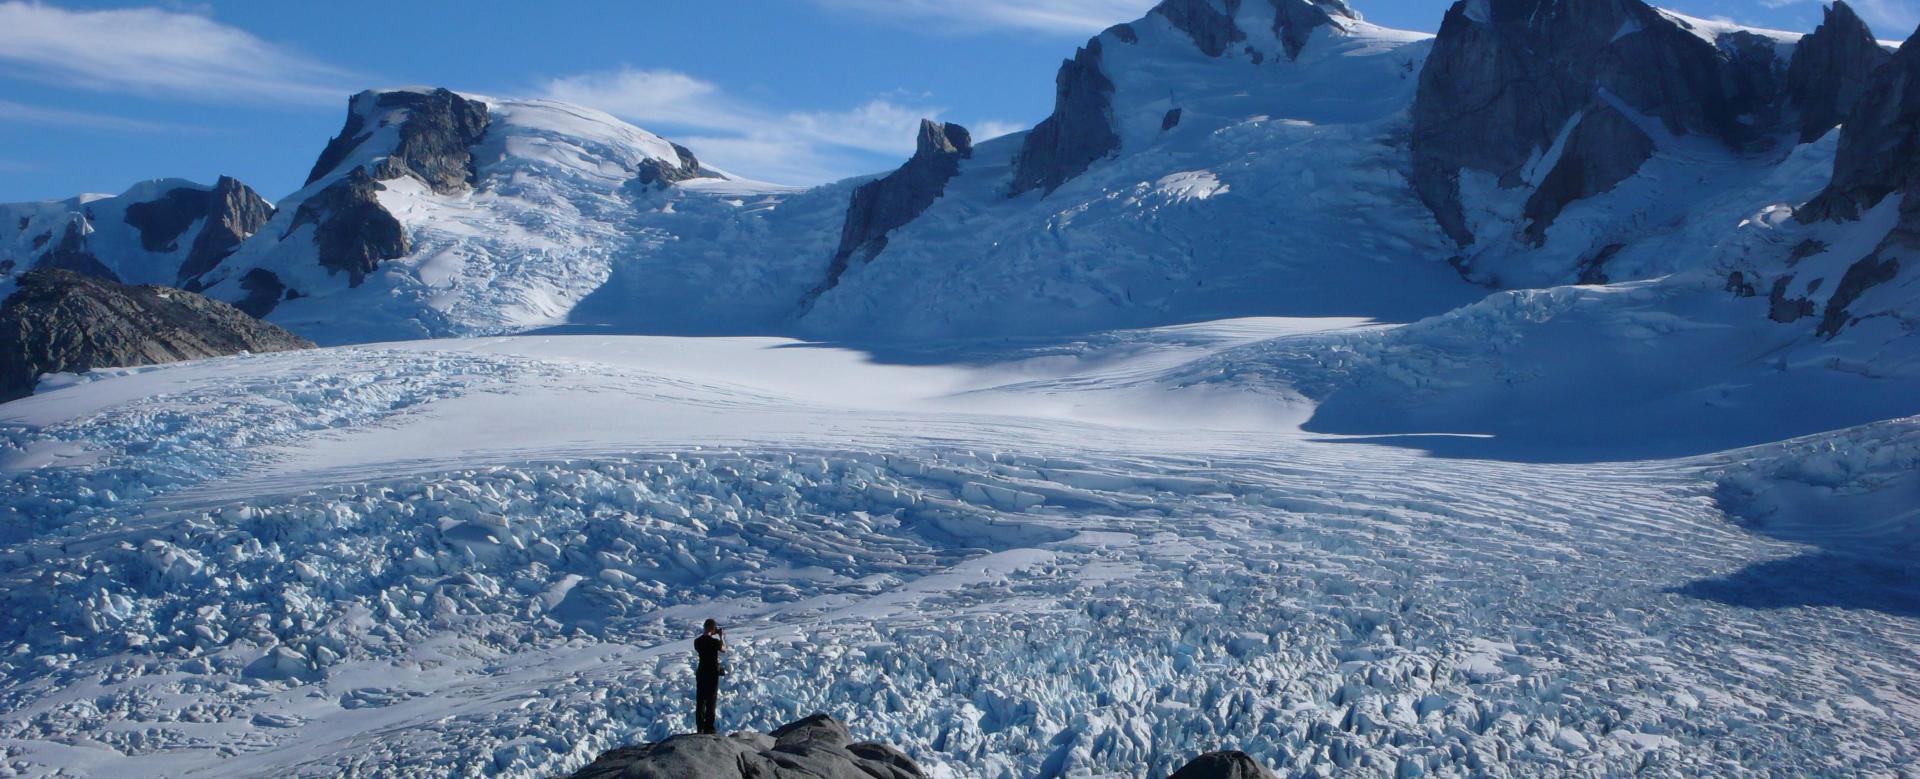 Voyage à pied : Les champs de glace du san valentín